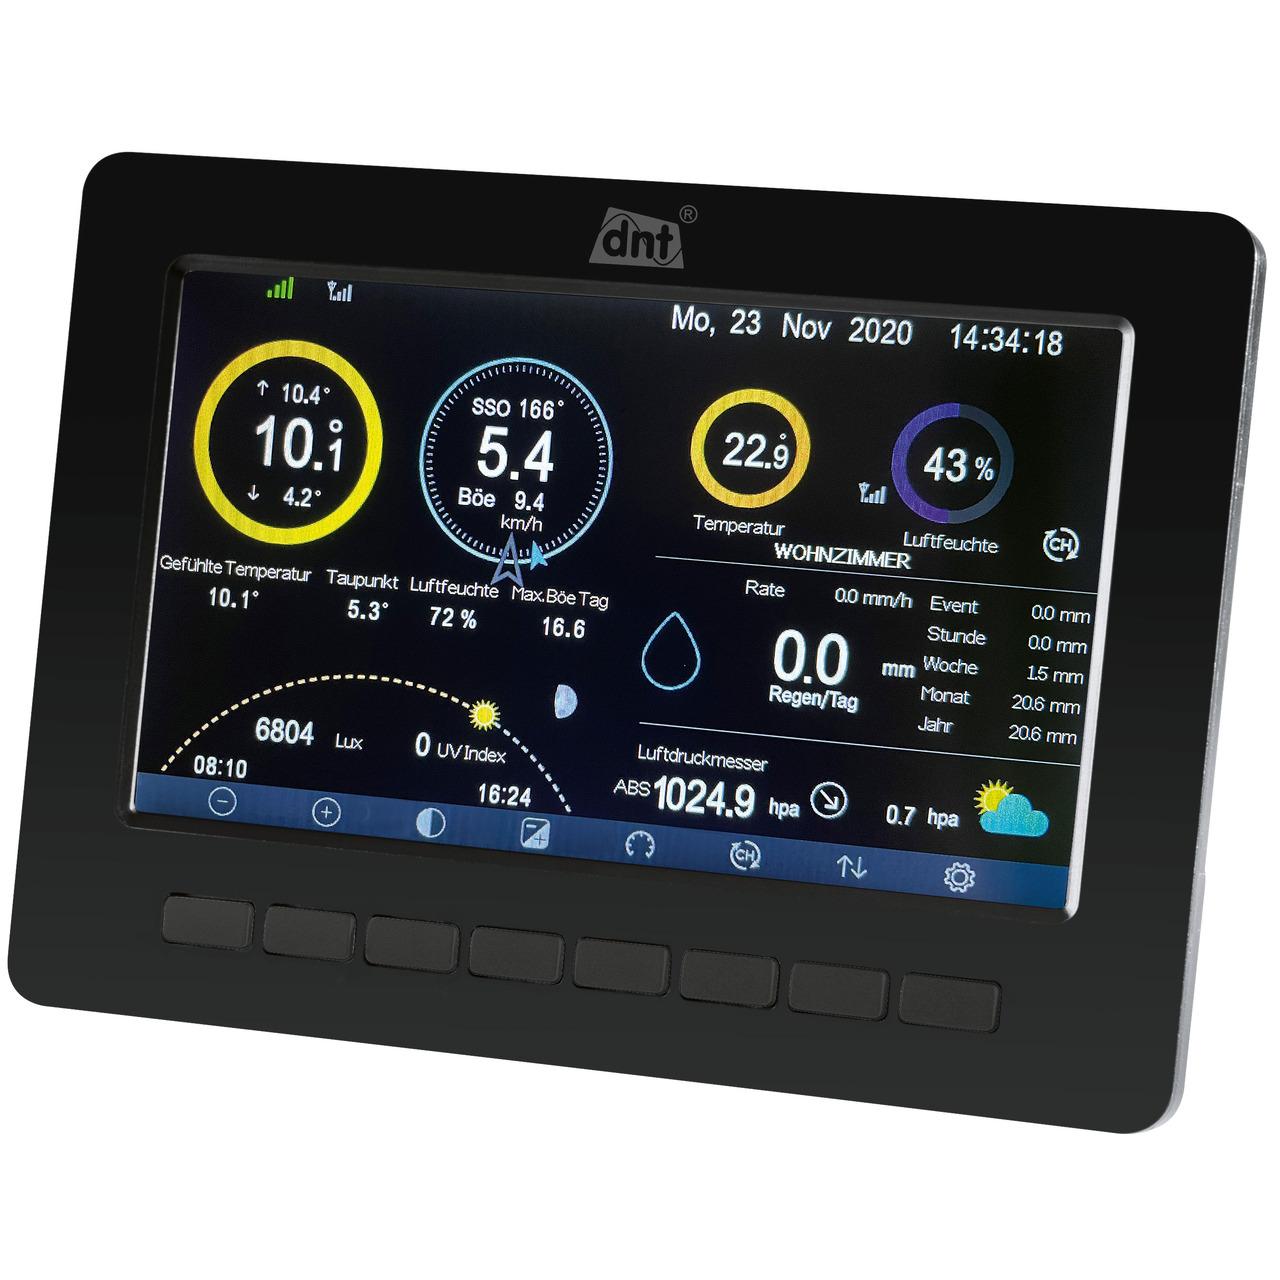 dnt Zusatz-Display für dnt WeatherScreen PRO- 17-8-cm-TFT-Farbdisplay (7)- inkl- Netzteil